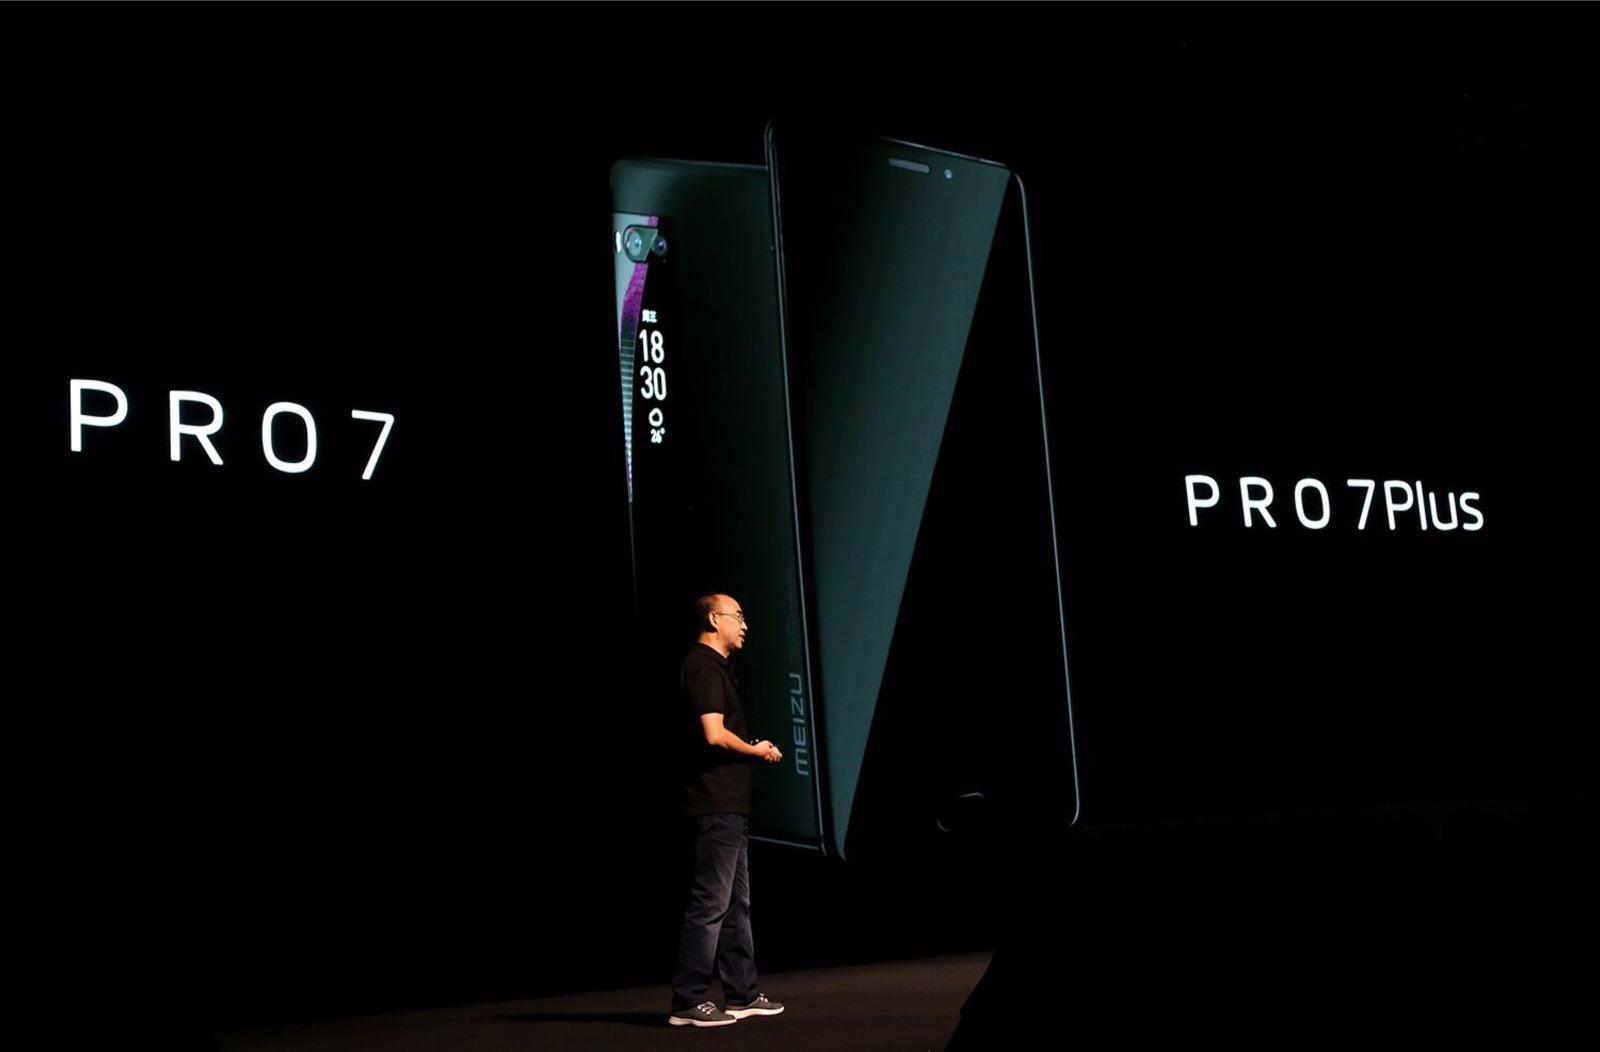 魅族PRO 7起售价2880元 双屏双摄 高配版首发联发科X30